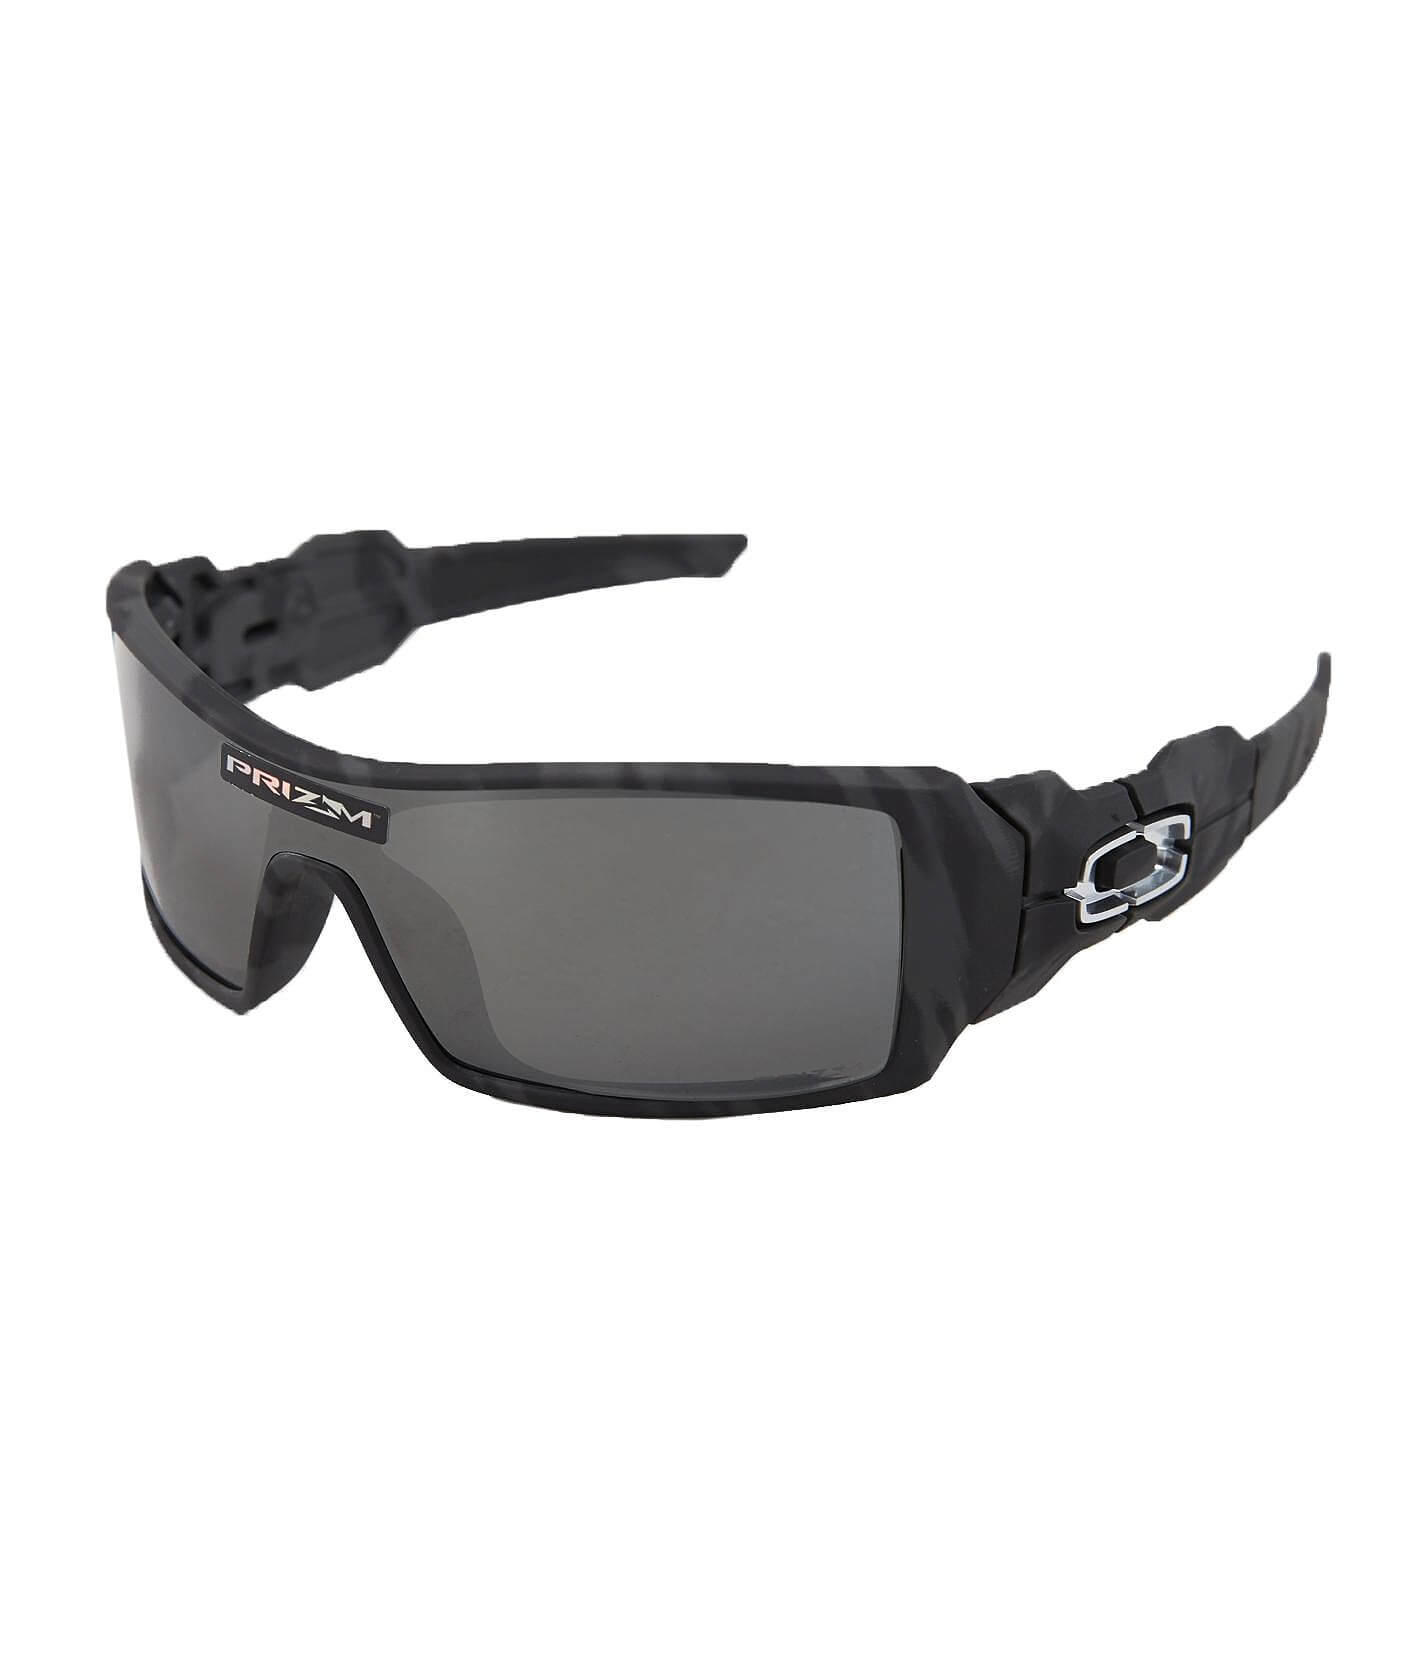 oakley oil rig prizm sunglasses men s accessories in black camo rh buckle com